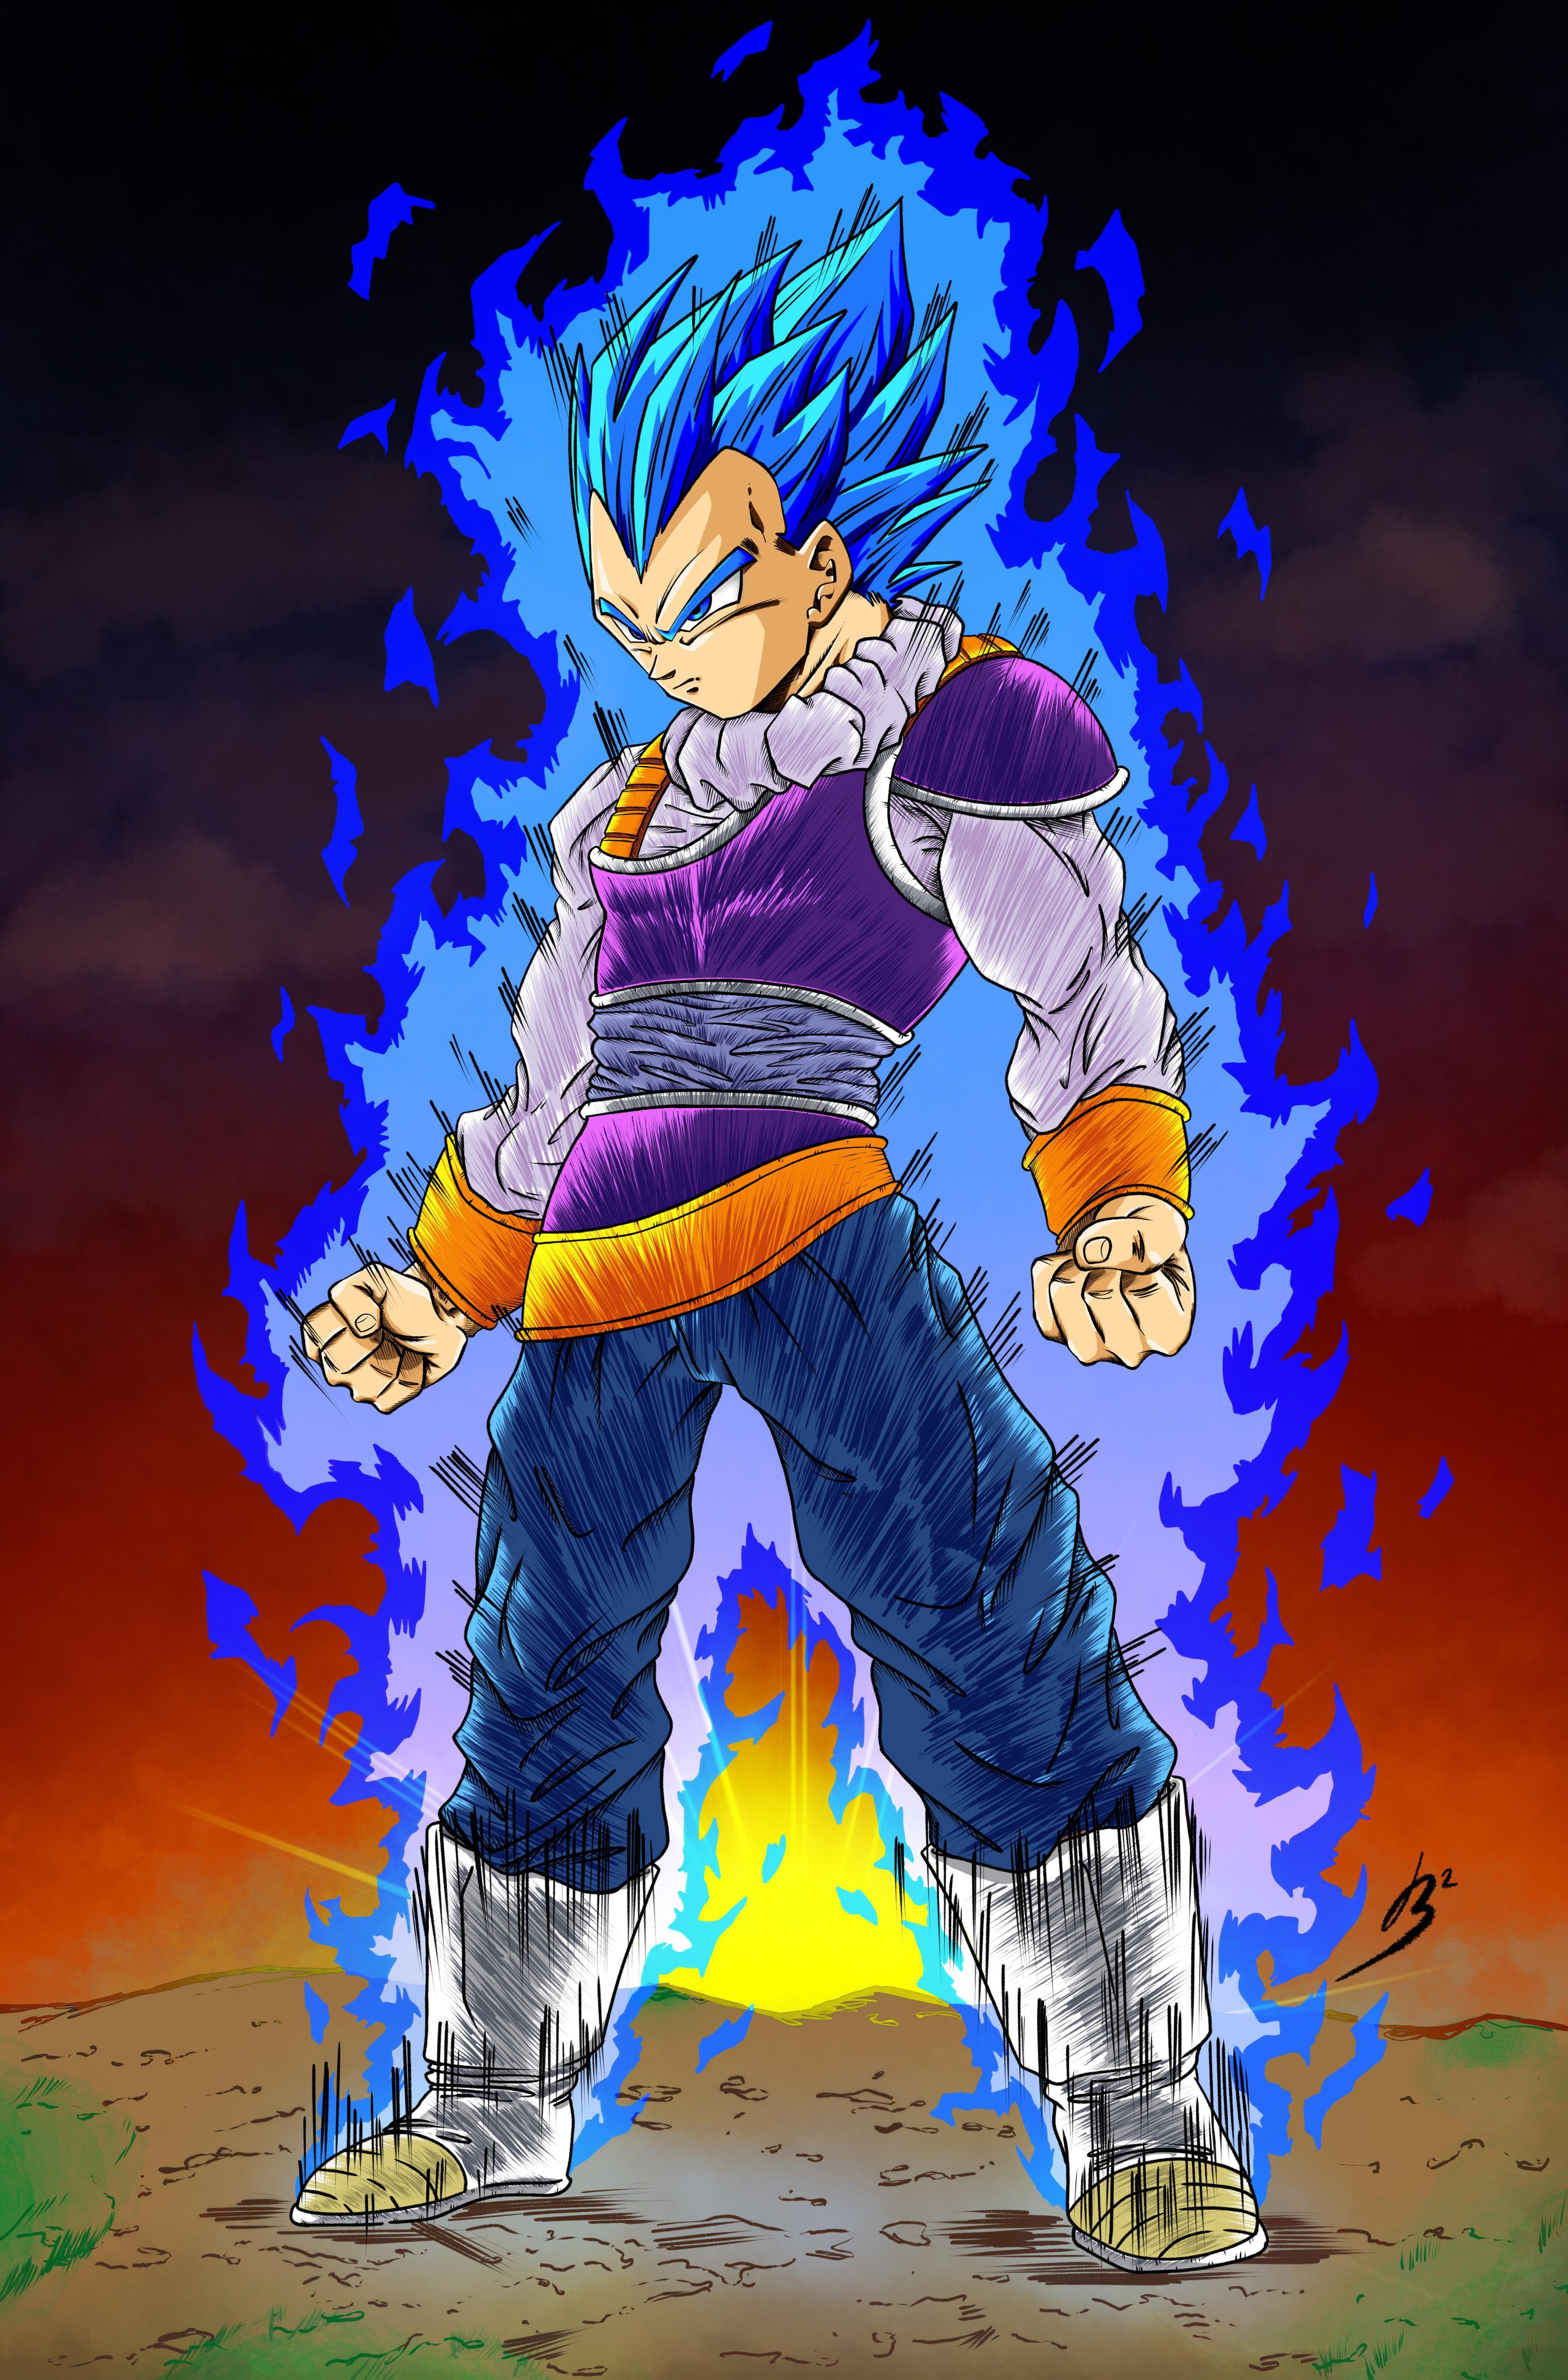 Anime Dragon Ball Super Dragon Ball Super Artwork Dragon Ball Goku